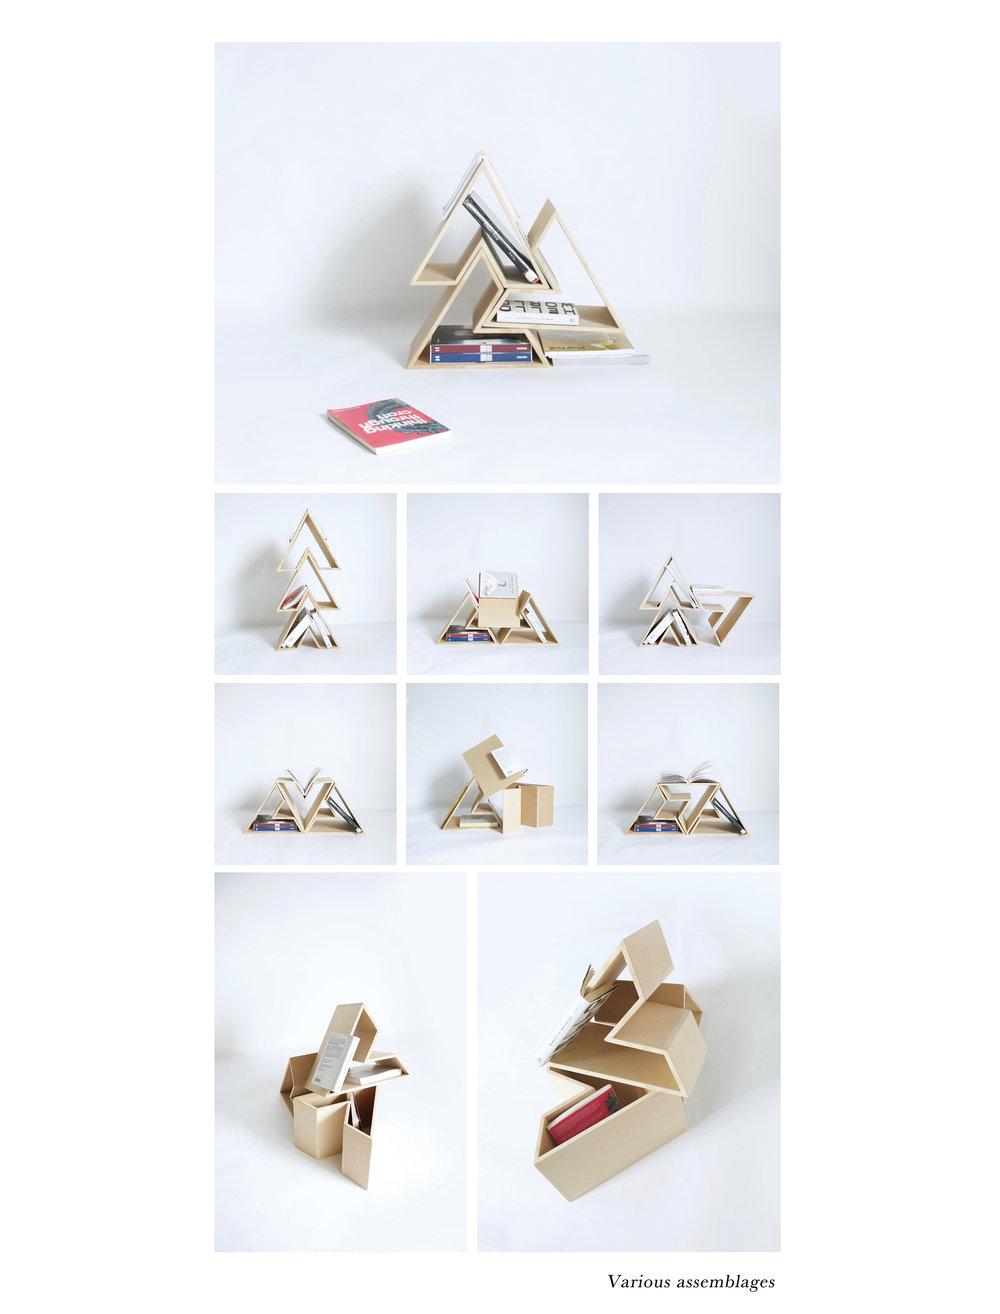 简单的造型让架子更具可玩性,保证实用性的同时也能灵活组合